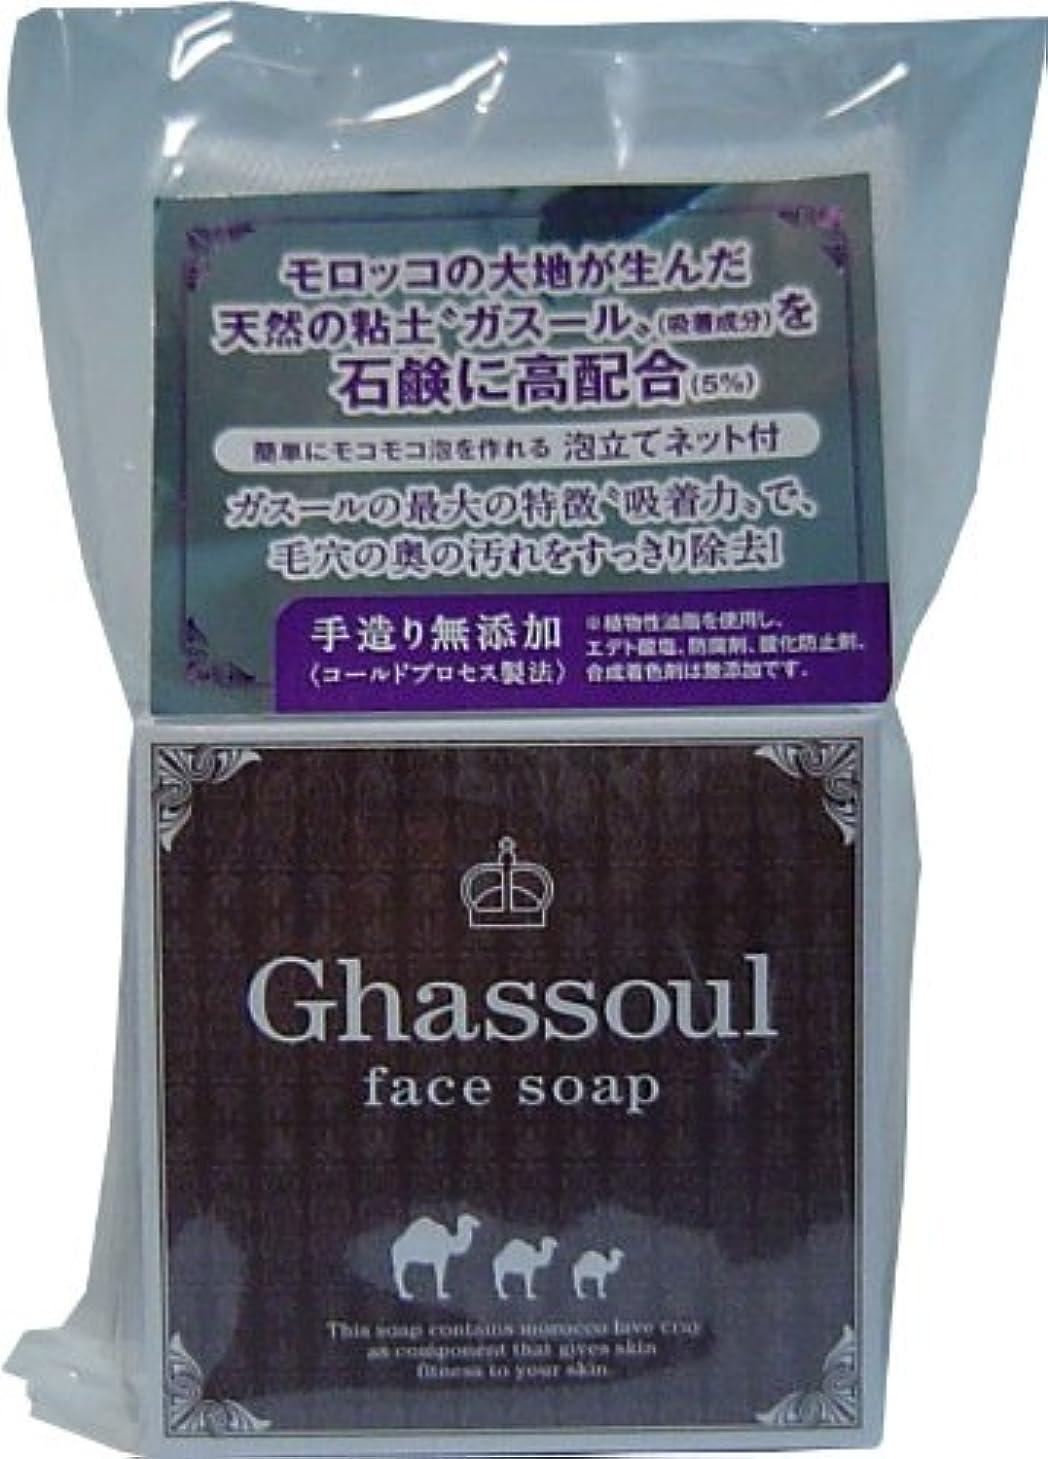 麻痺させるムスタチオ飛行機【セット品】Ghassoul face soap ガスールフェイスソープ 100g 7個